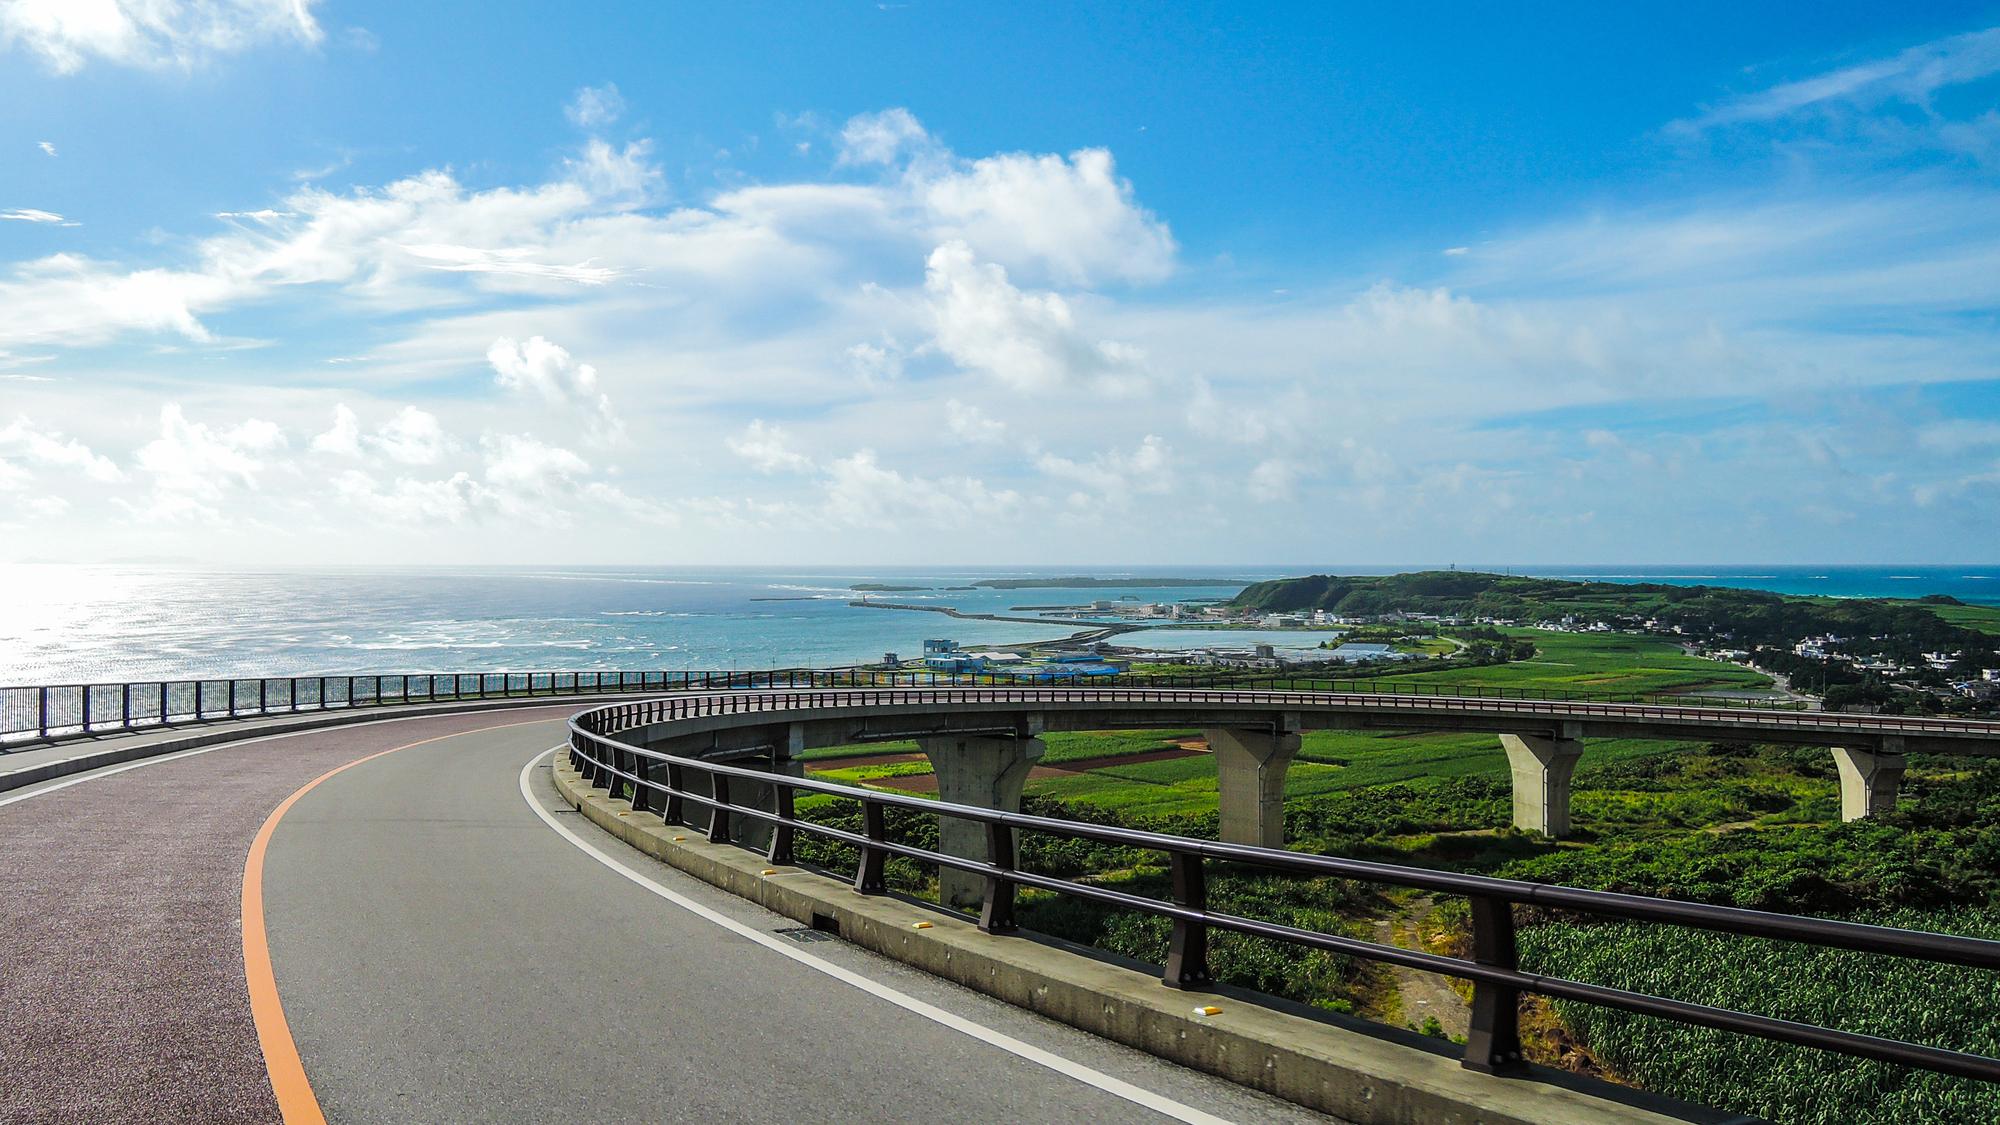 沖縄、高速道路